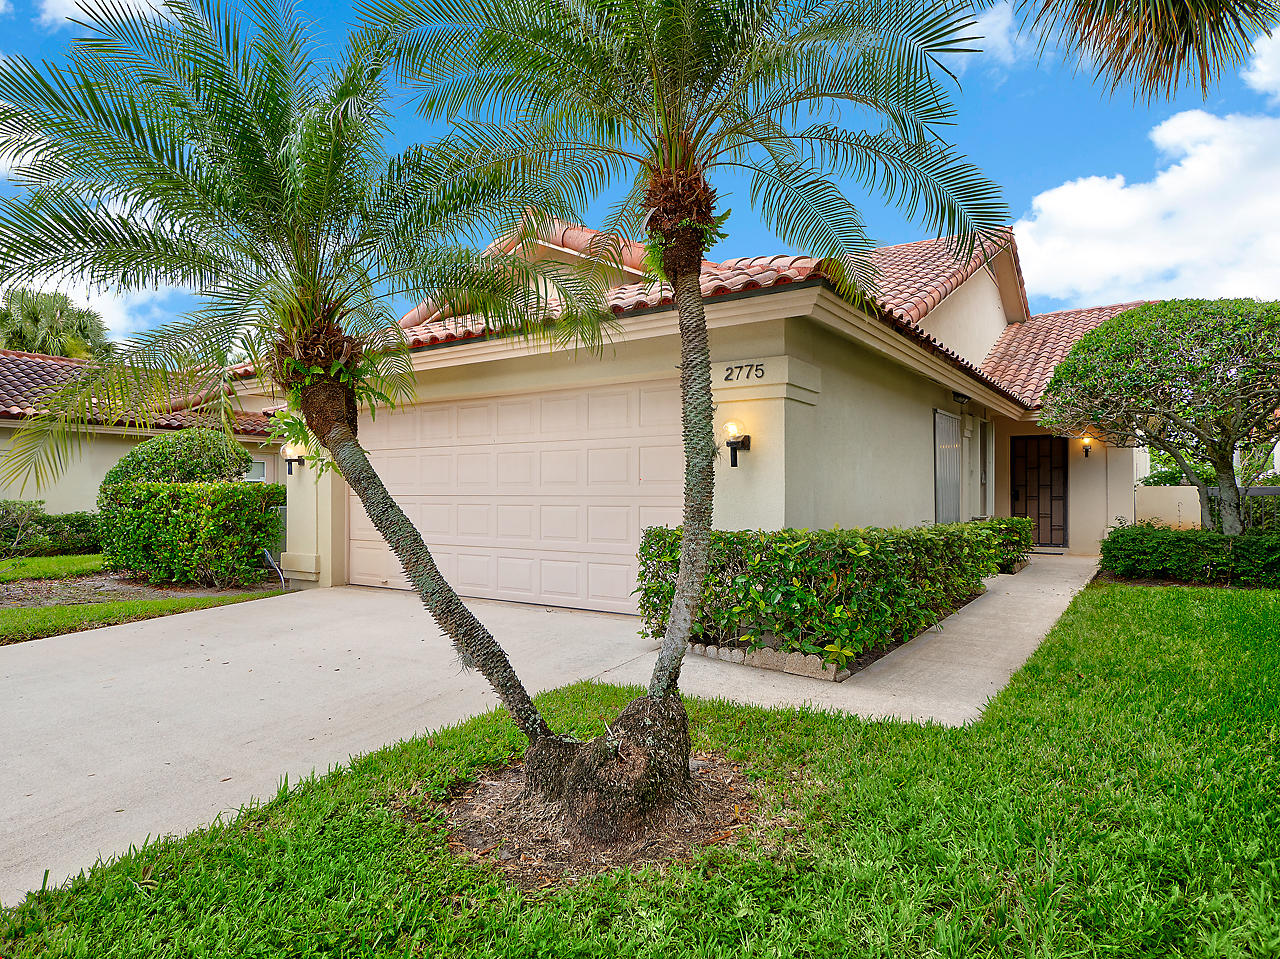 2775 Hawthorne Lane West Palm Beach, FL 33409